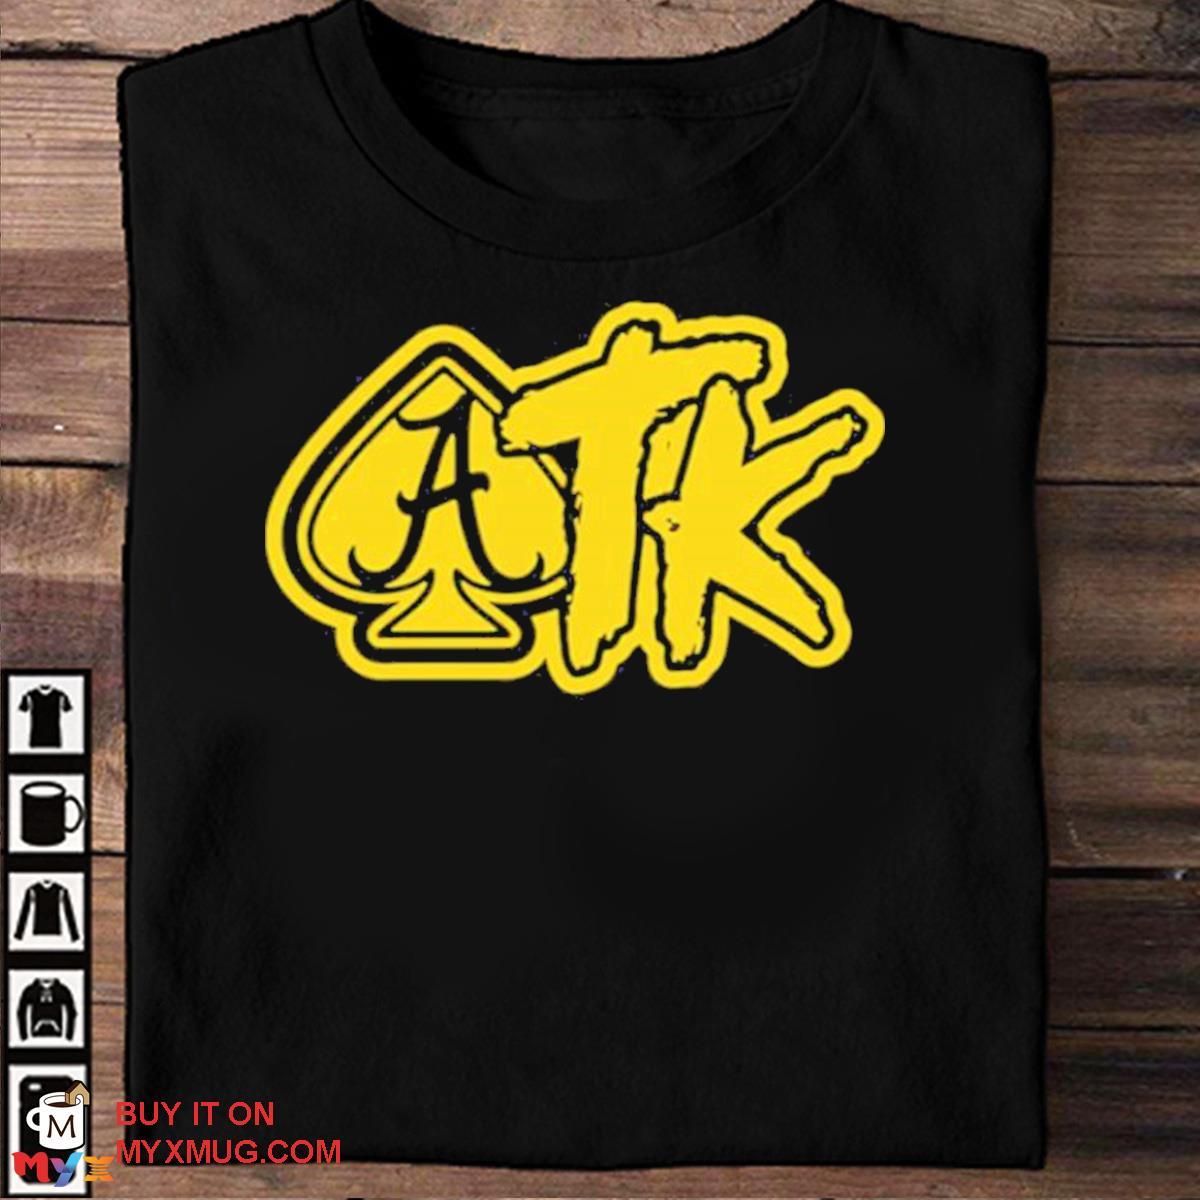 Atk merch spade black shirt